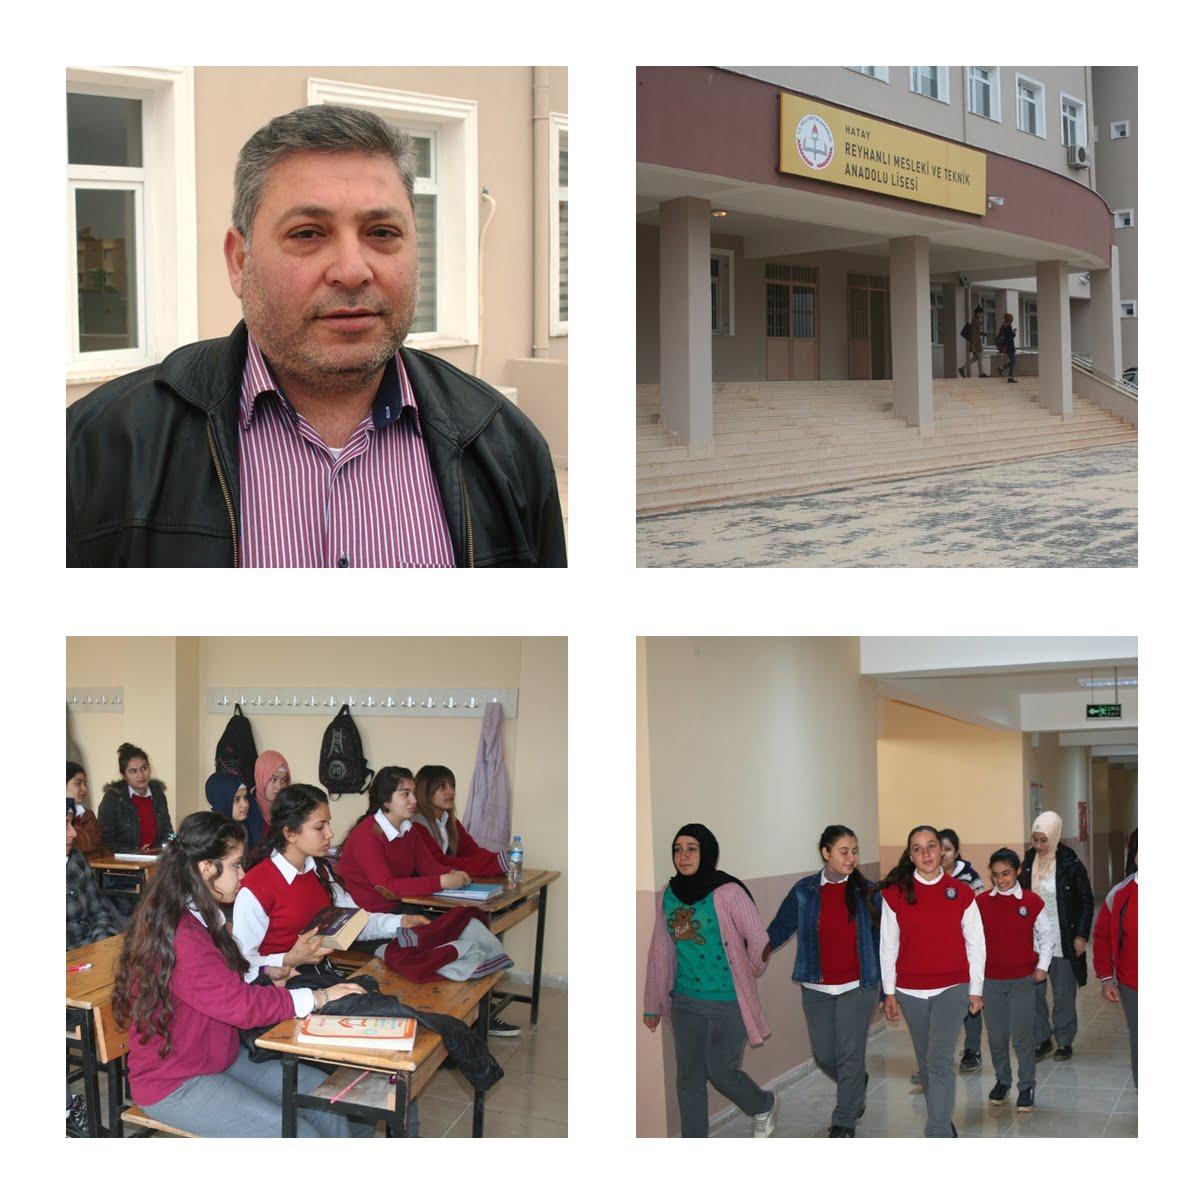 Reyhanlı Mesleki ve Teknik Anadolu Lisesi 46 yıl sonra yeni binasında